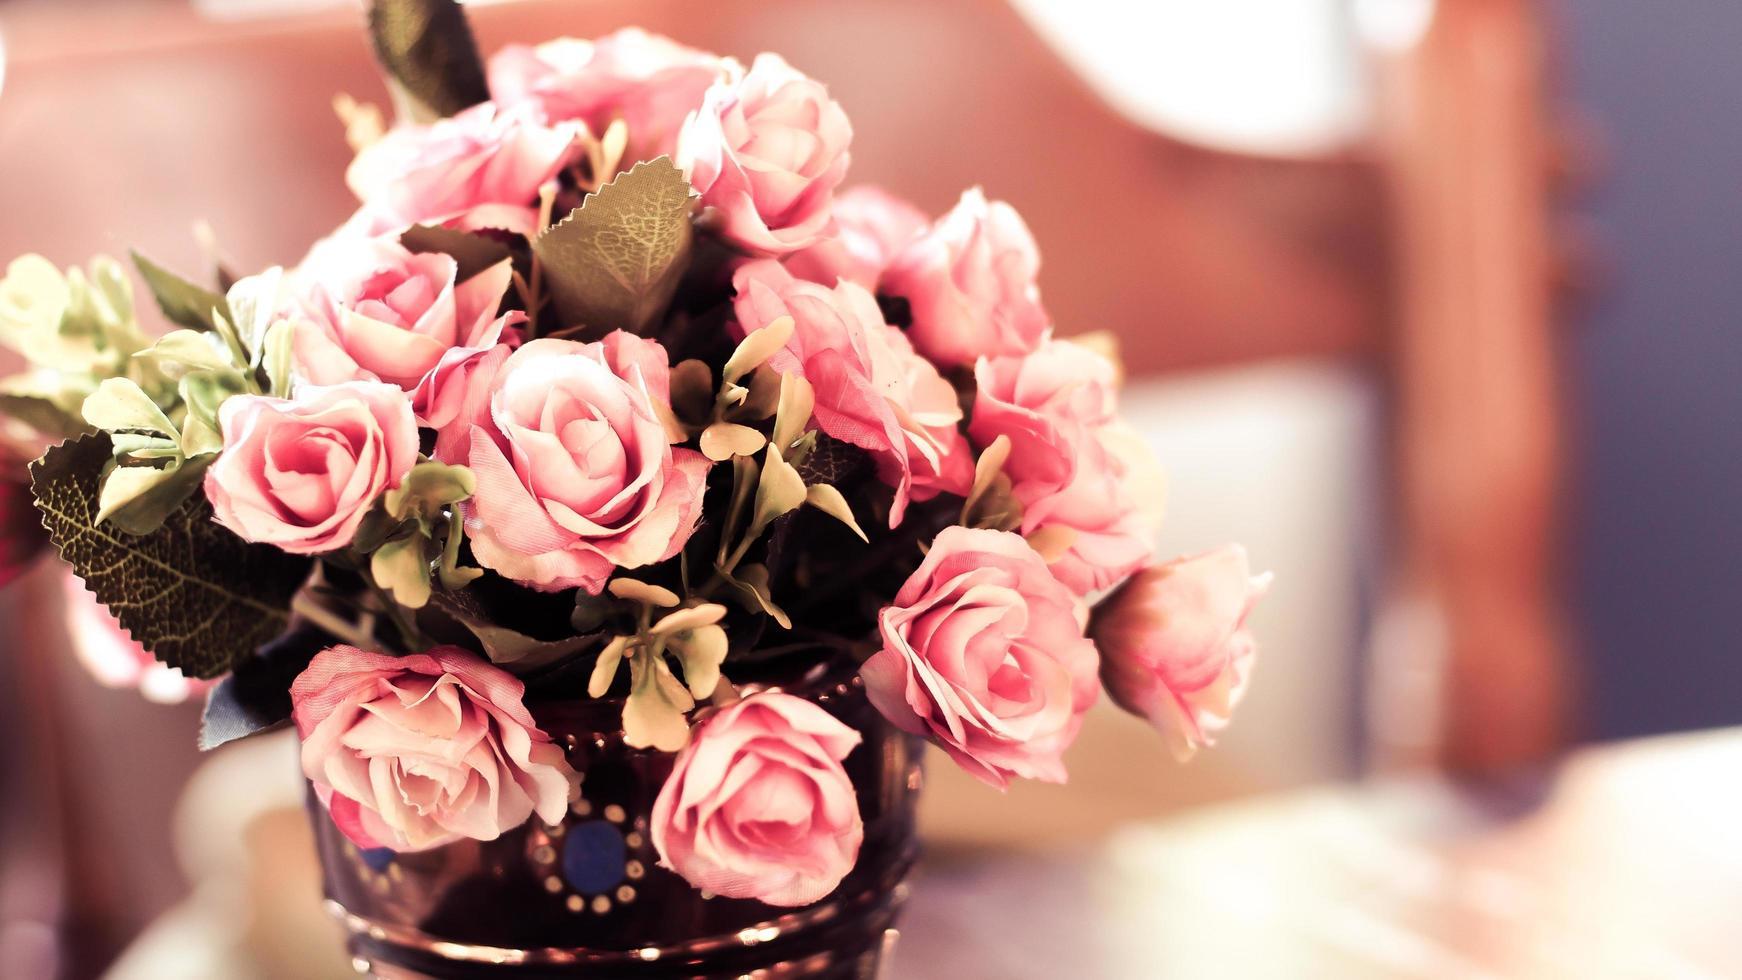 gros plan, de, rose, arrangement floral photo